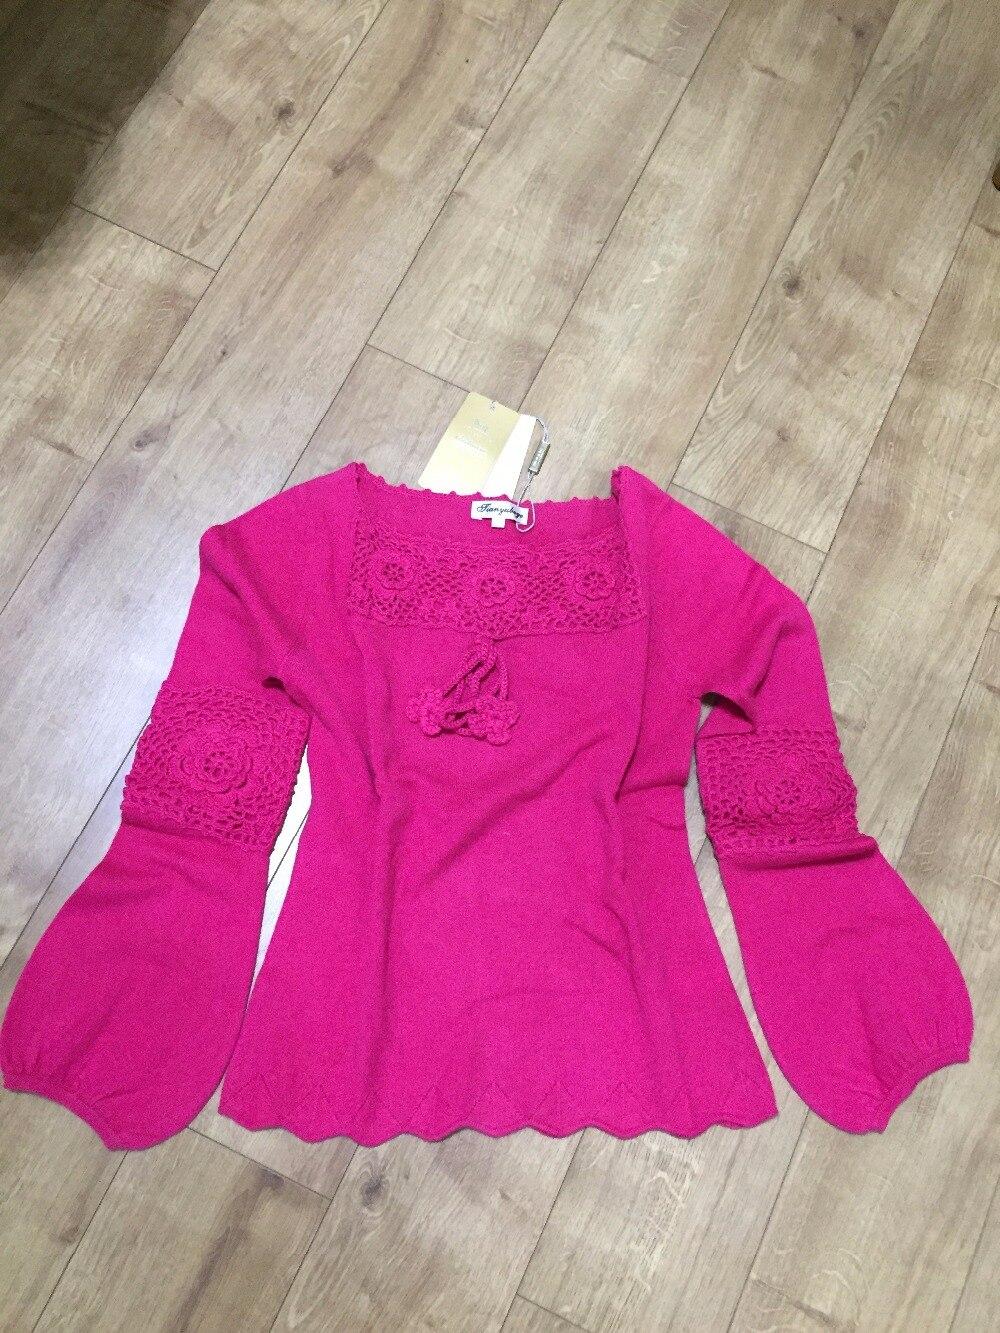 Chaud Rose Rouge Fille Femmes 100 Liquidation Qualité Livraison Pourpre Violet Doux En Cachemire fuchsia Naturel Pull Chandails Gratuite Haute 4q8Xx8P0